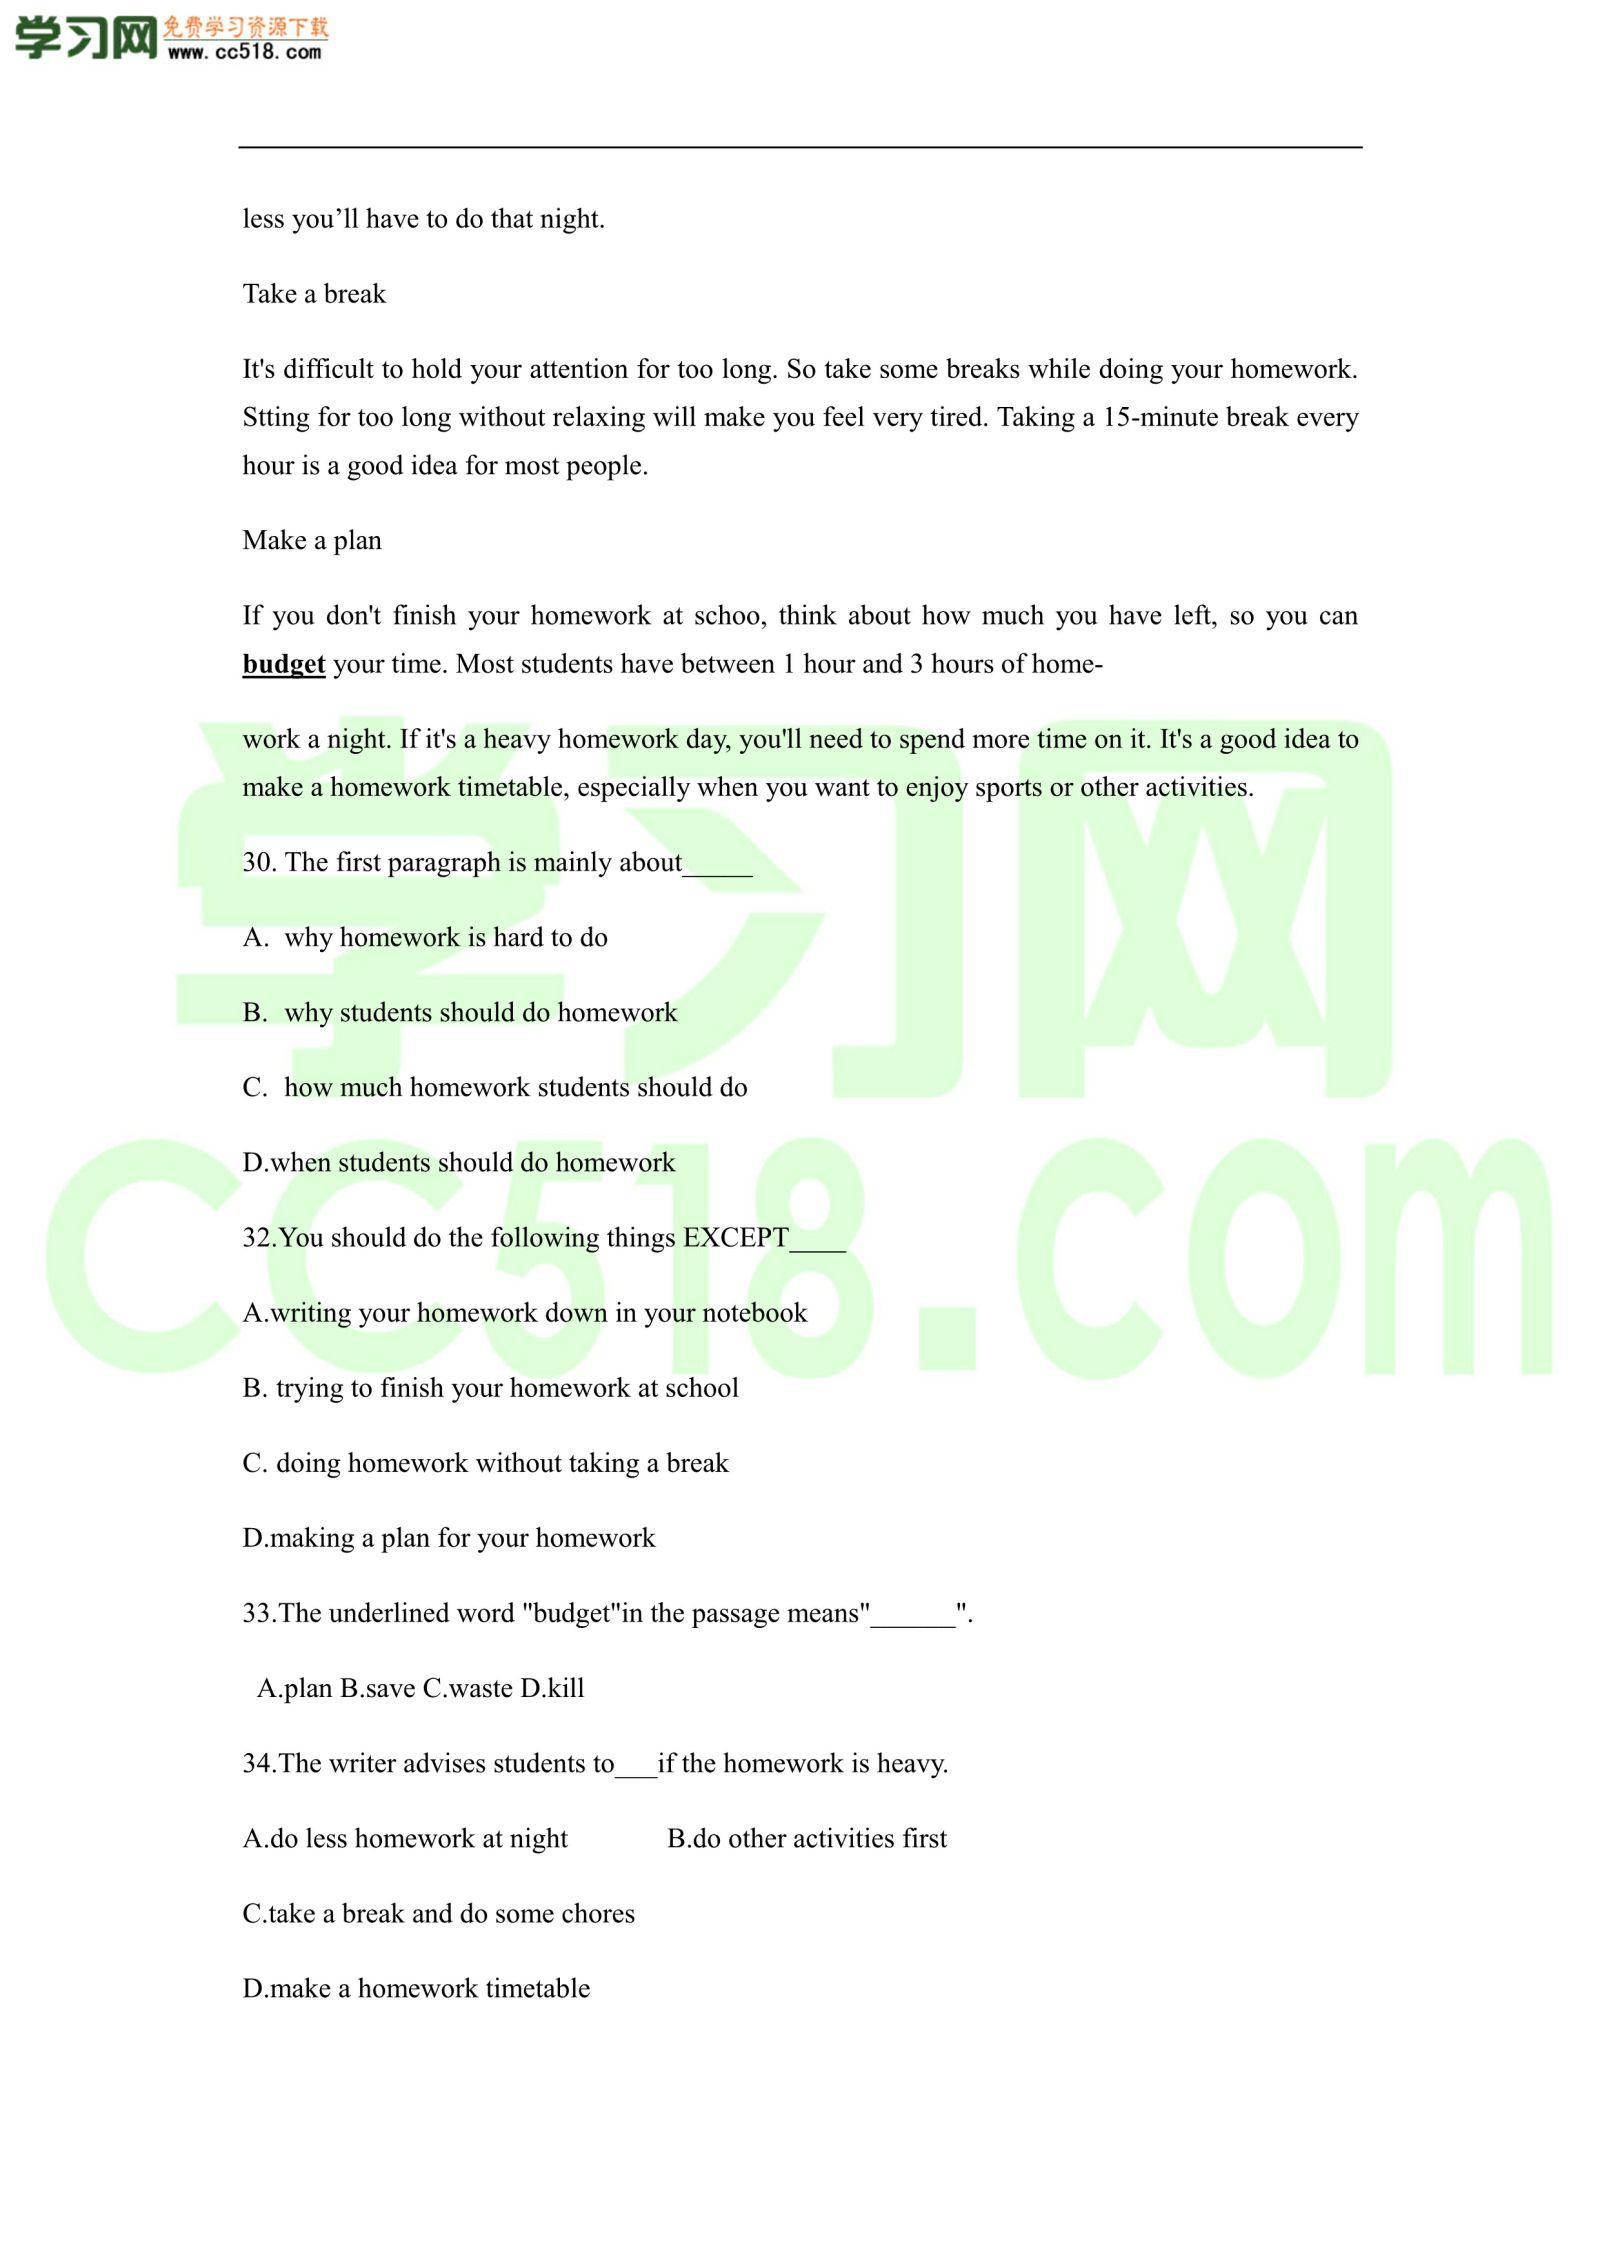 人教版初三英语上册单元检测练习题 Unit 1(含答案)